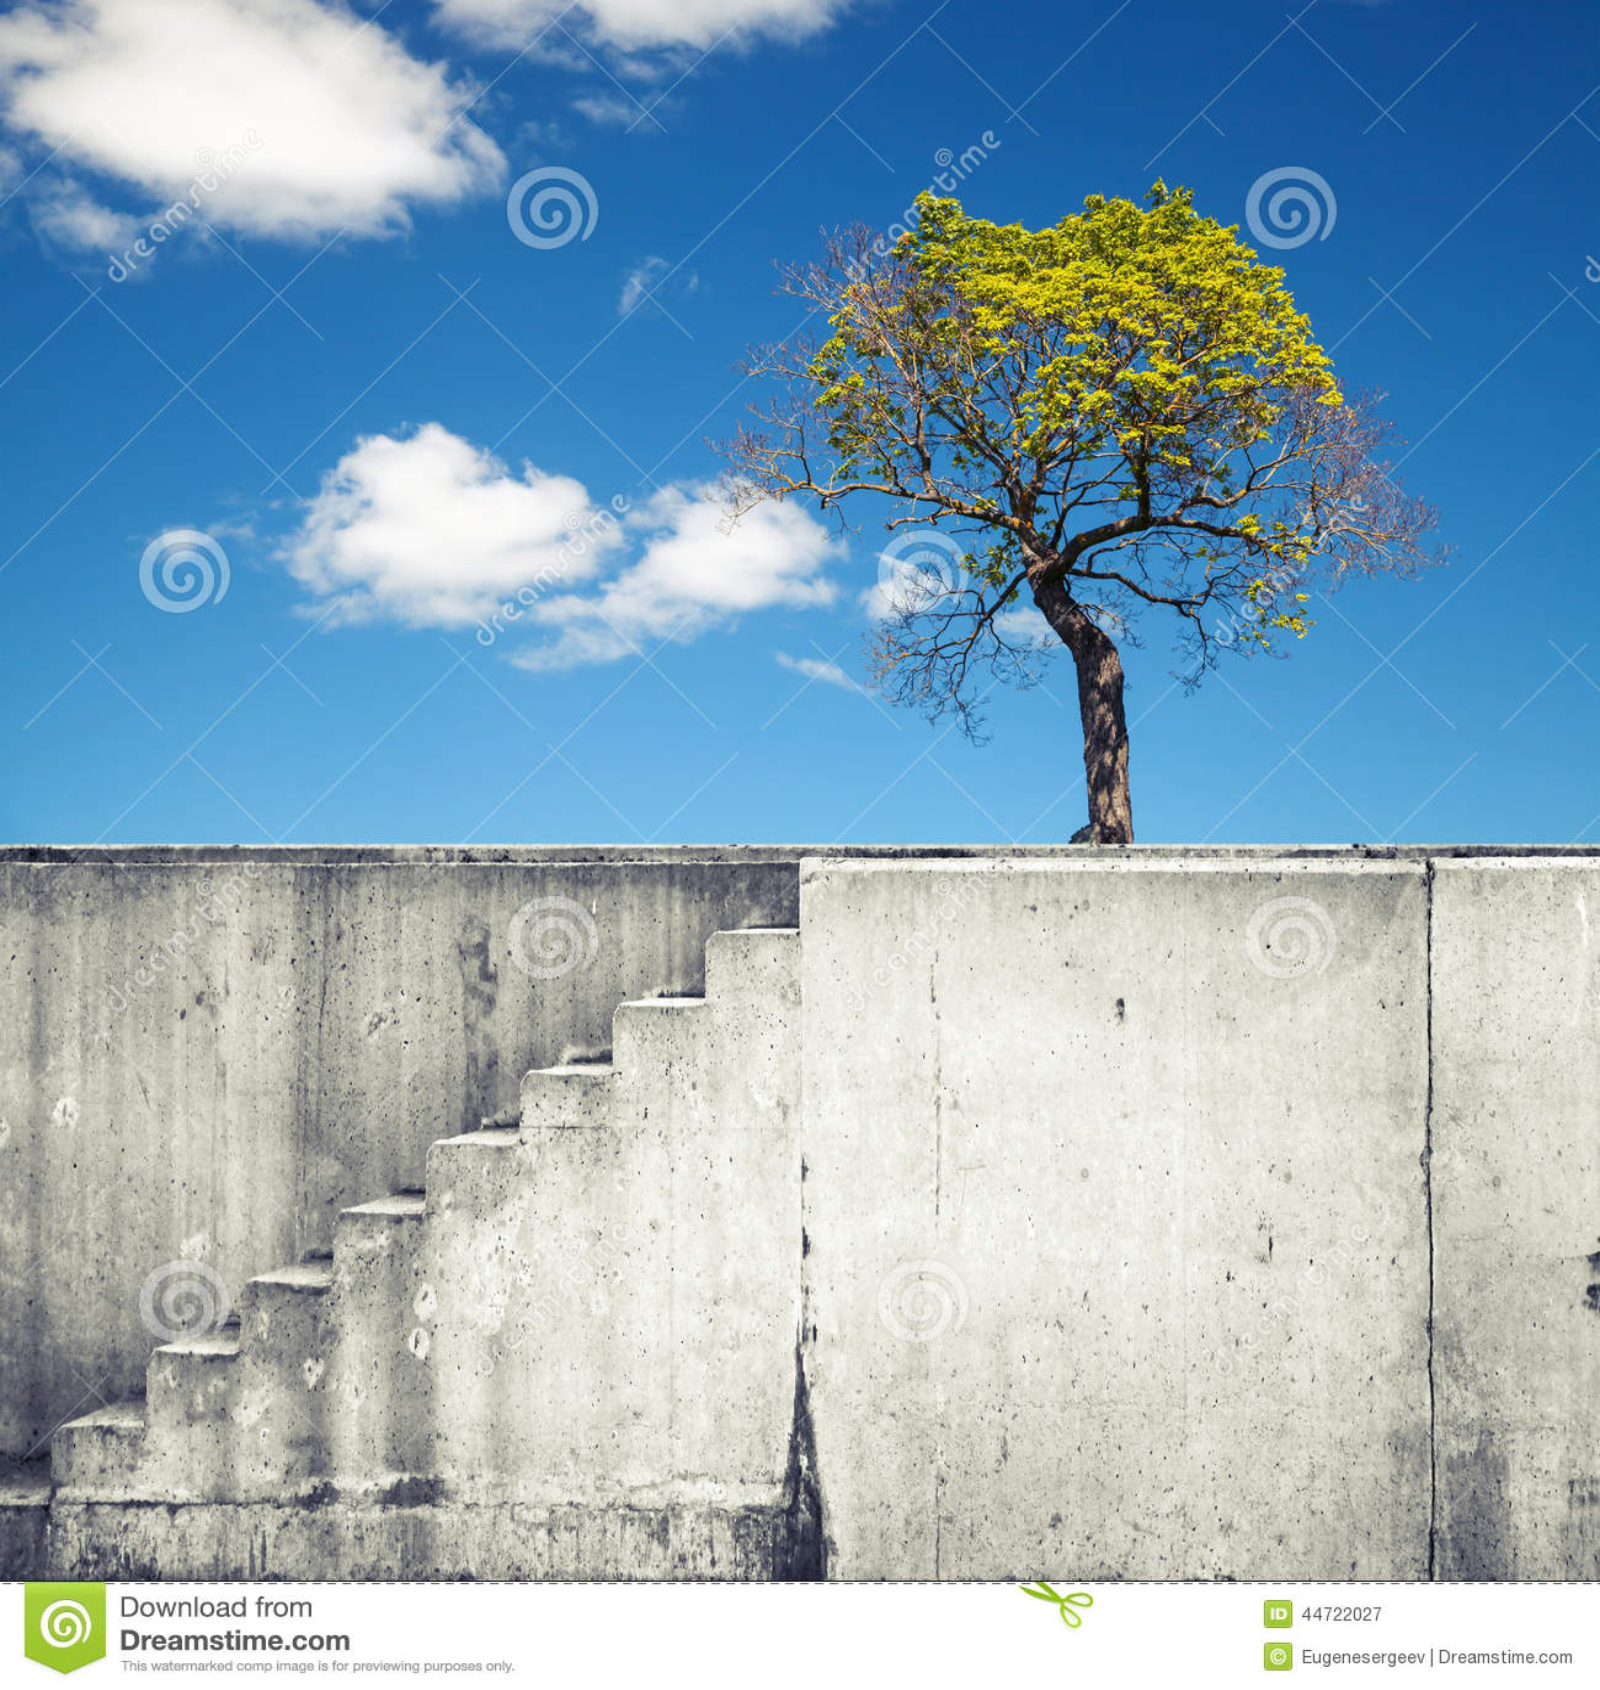 Muro Di Cemento Bianco Con Le Scala Ed Albero Sopra Cielo Blu Fotografia Stock - Immagine: 44722027